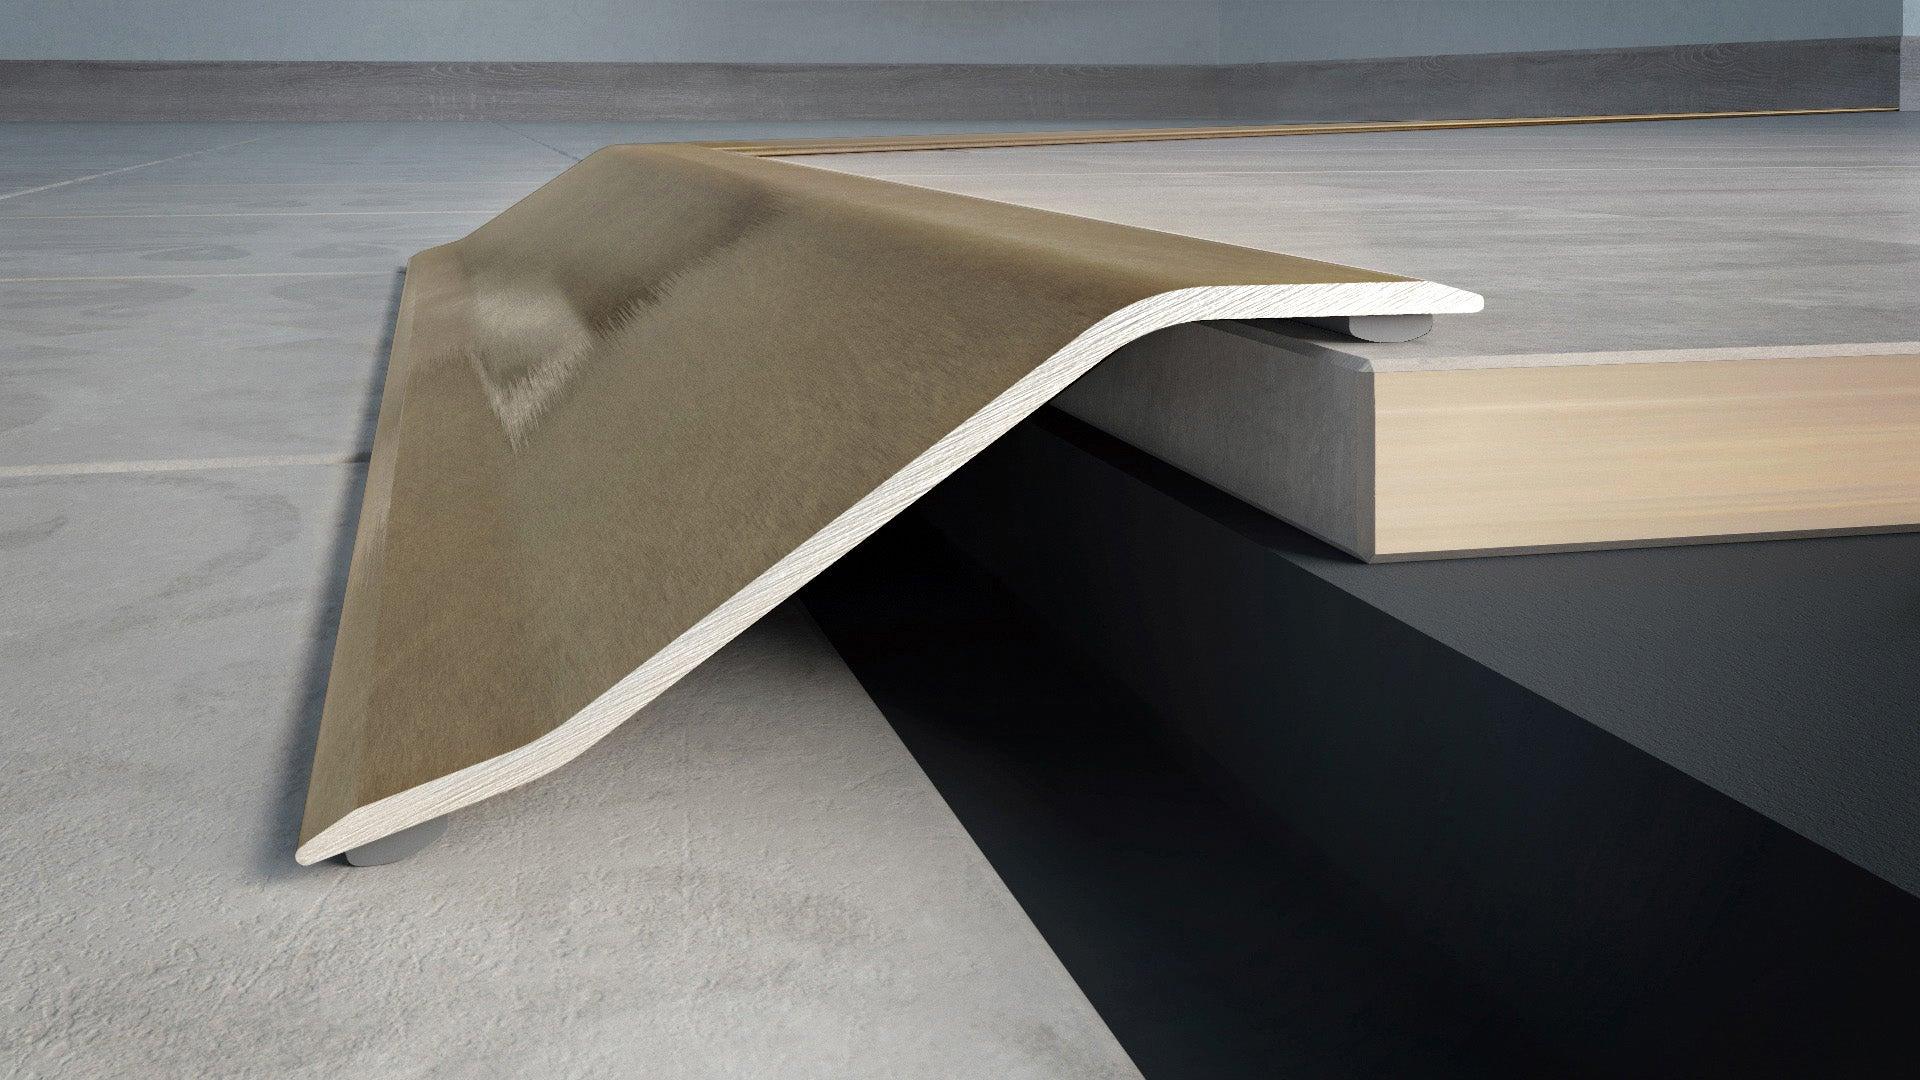 Barre de seuil alu brossé, L.83 cm x l.50 mm